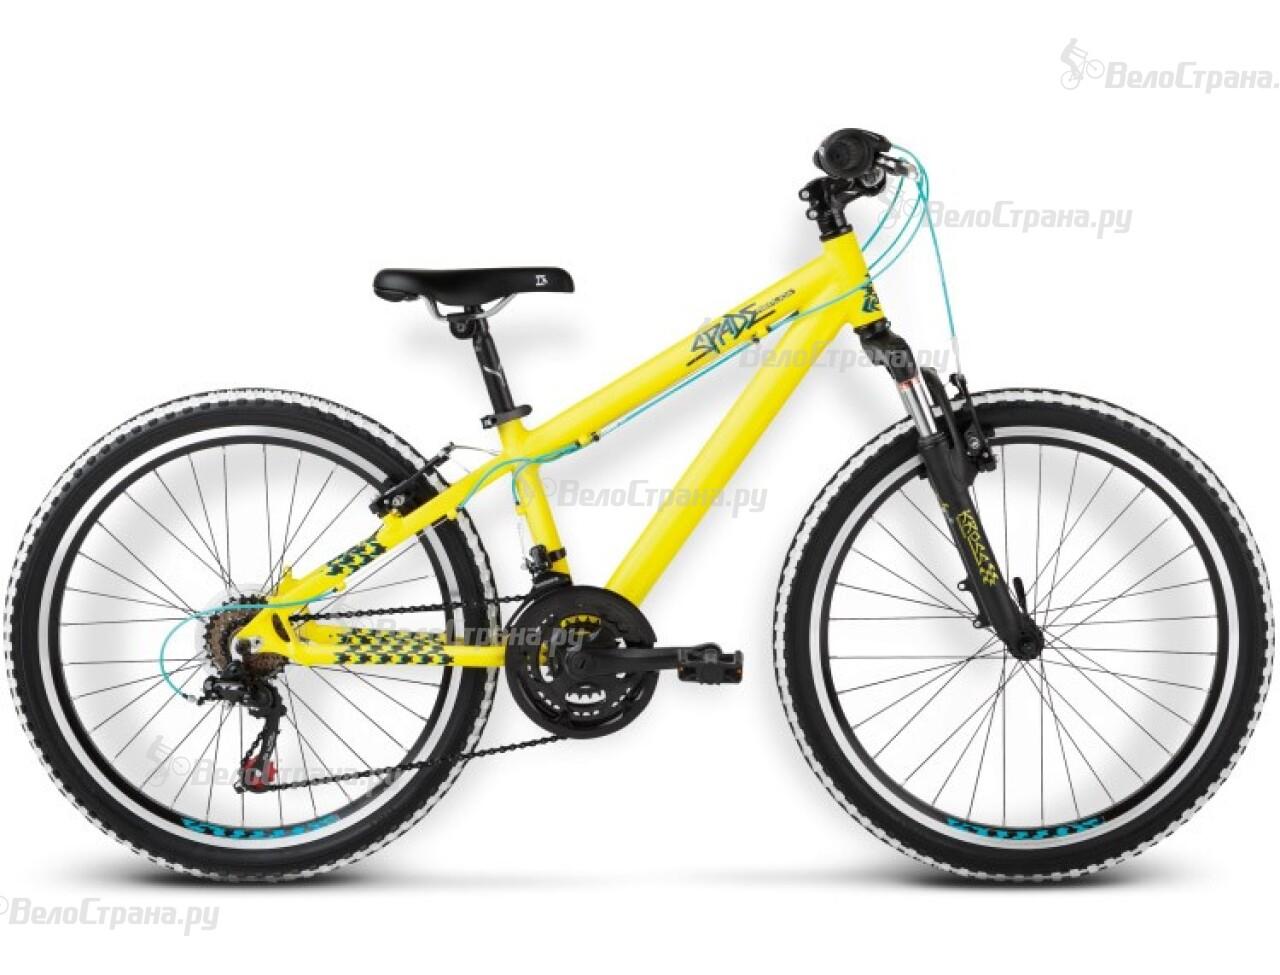 купить Велосипед Kross Spade Replica (2015) недорого